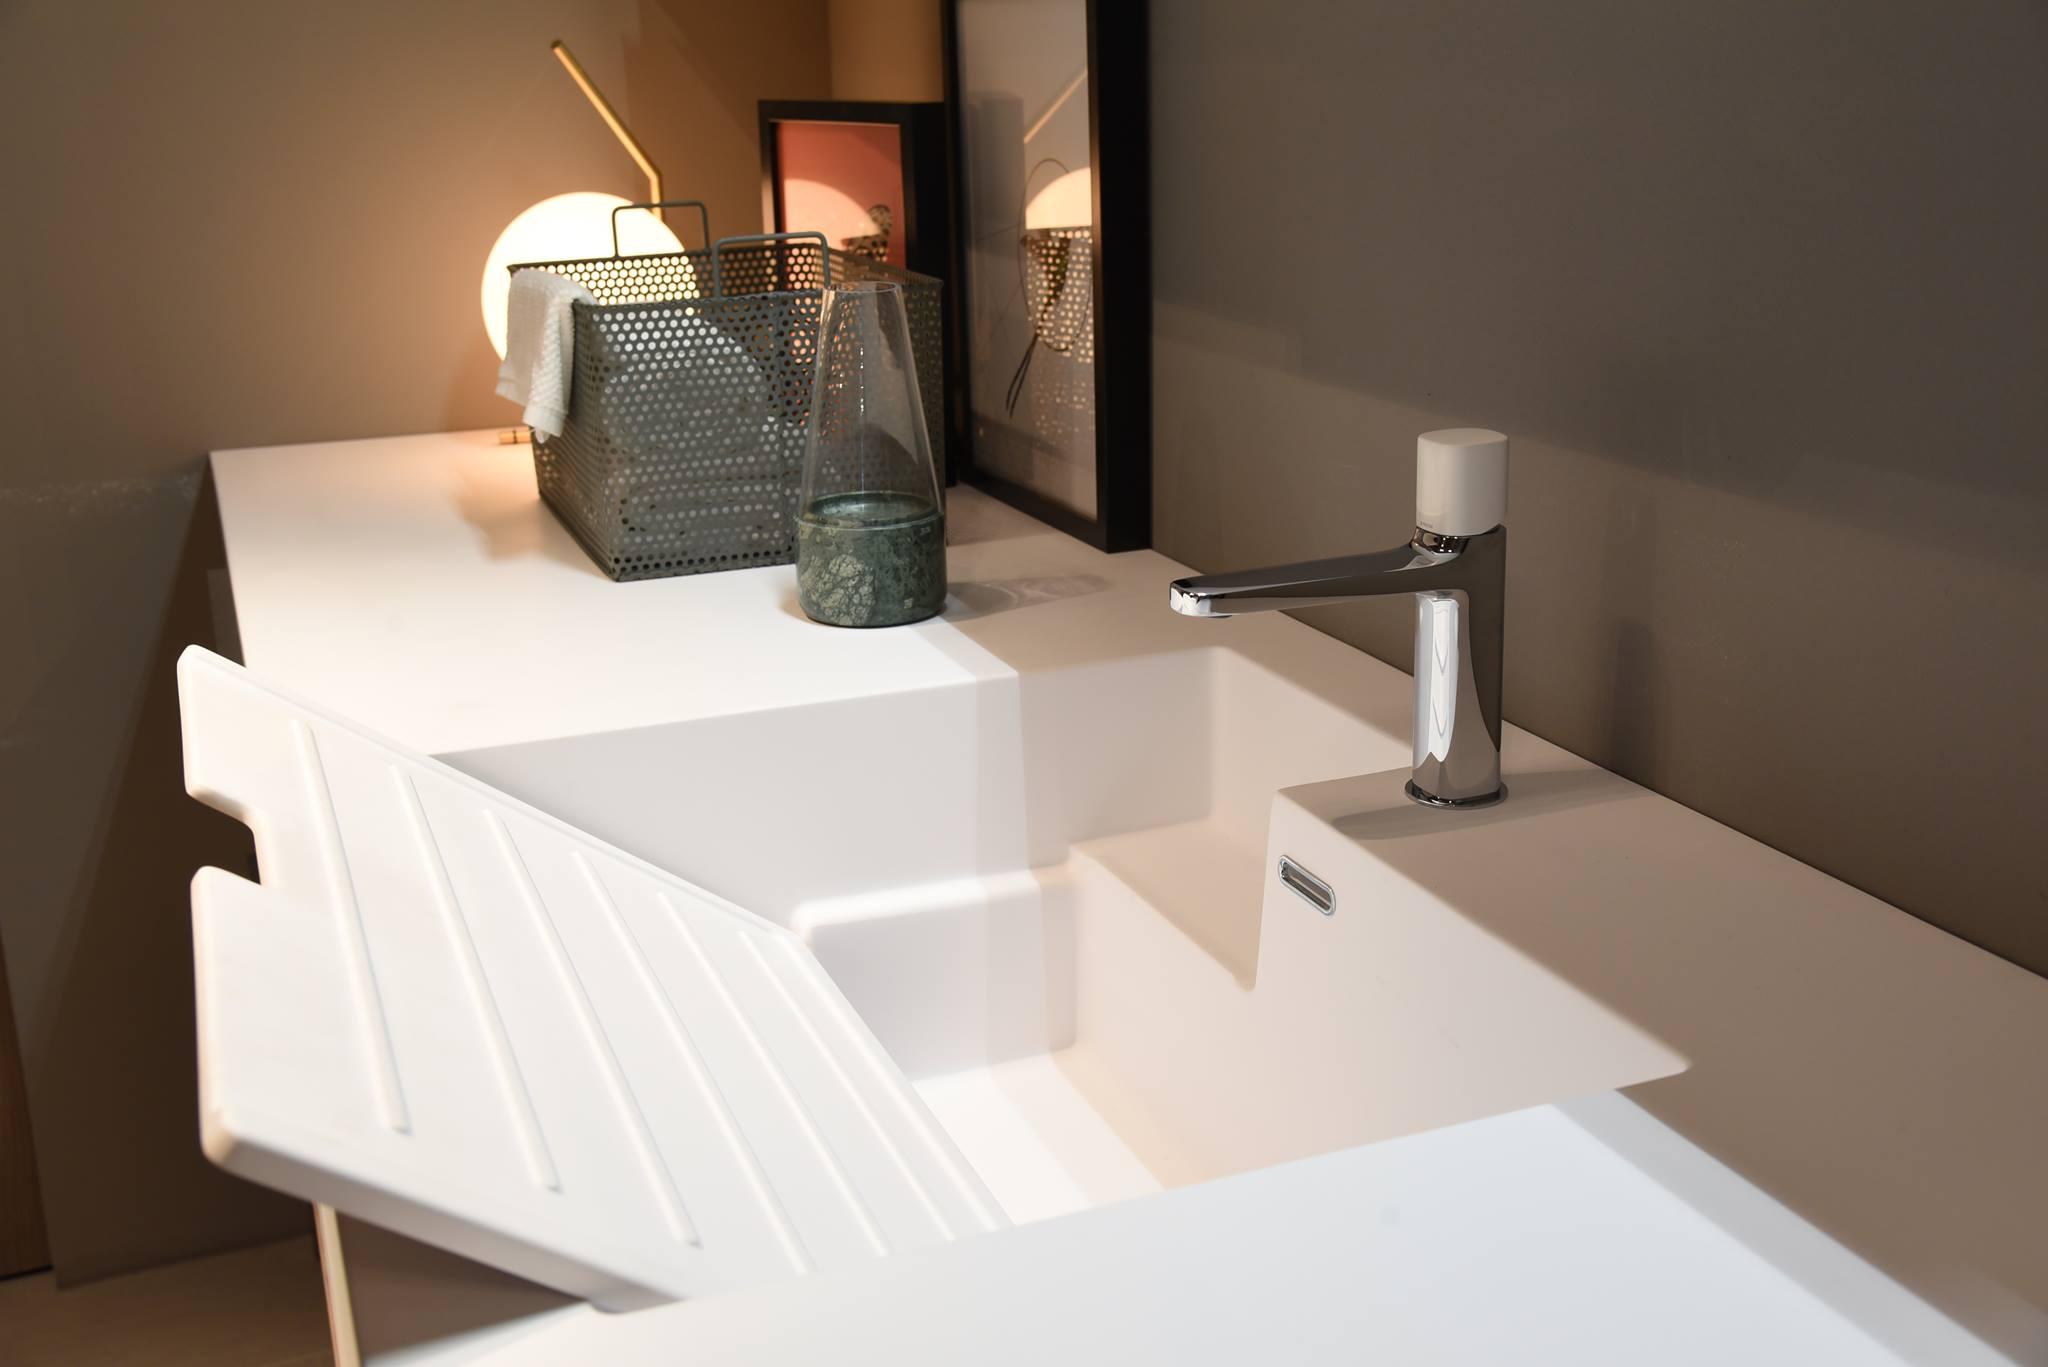 Ottimizzare gli spazi: come arredare un bagno lavanderia - Ideagroup ...